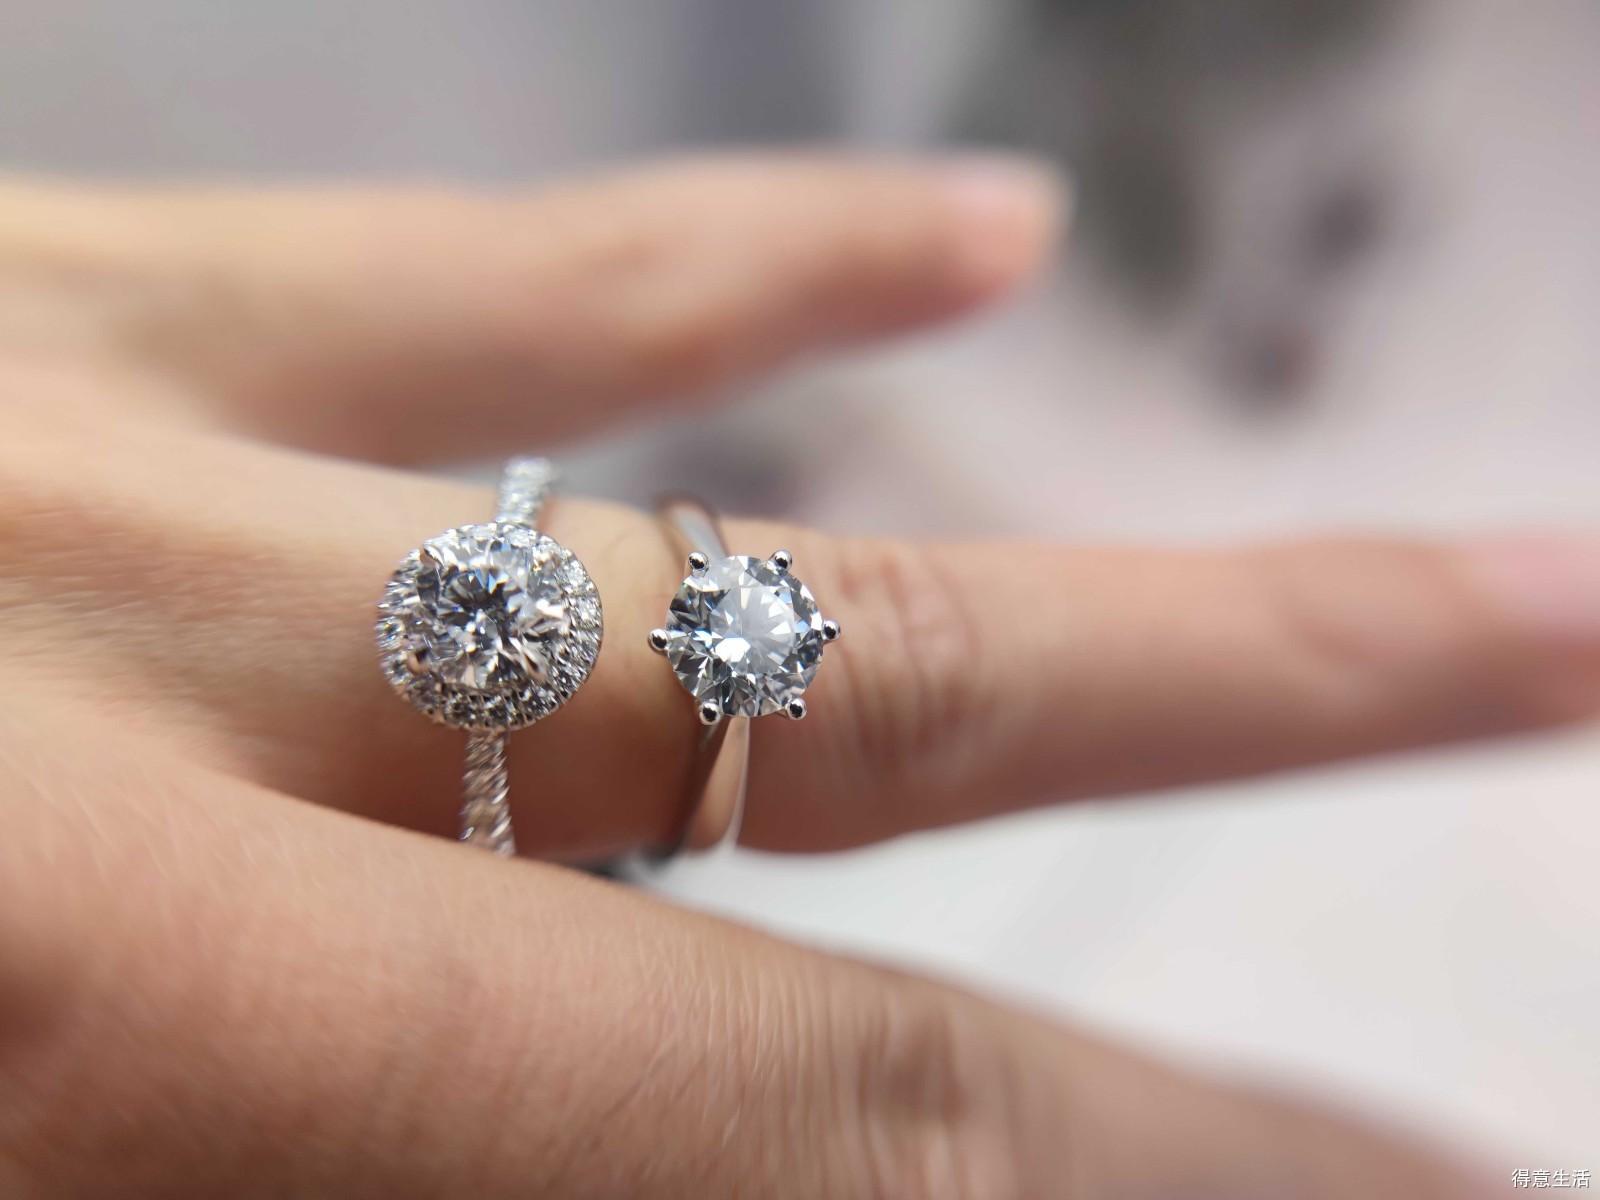 【备婚小能手】和表妹一起买钻戒,60分钻石一点也不输一克拉!